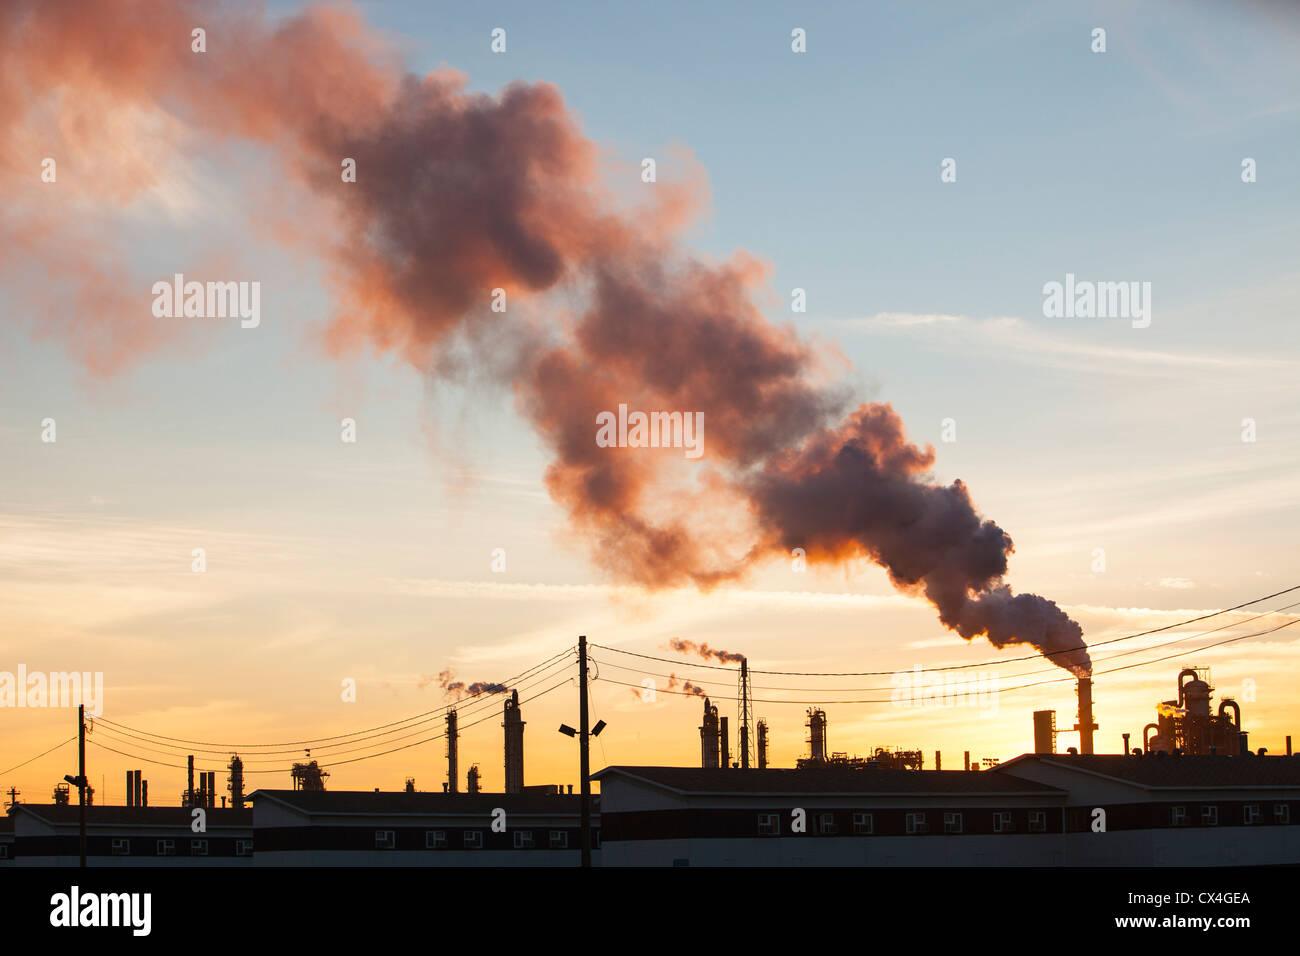 Il tar sands upgrader impianto presso la miniera di Syncrude a nord di Fort McMurray, Alberta, Canada, al tramonto. Immagini Stock